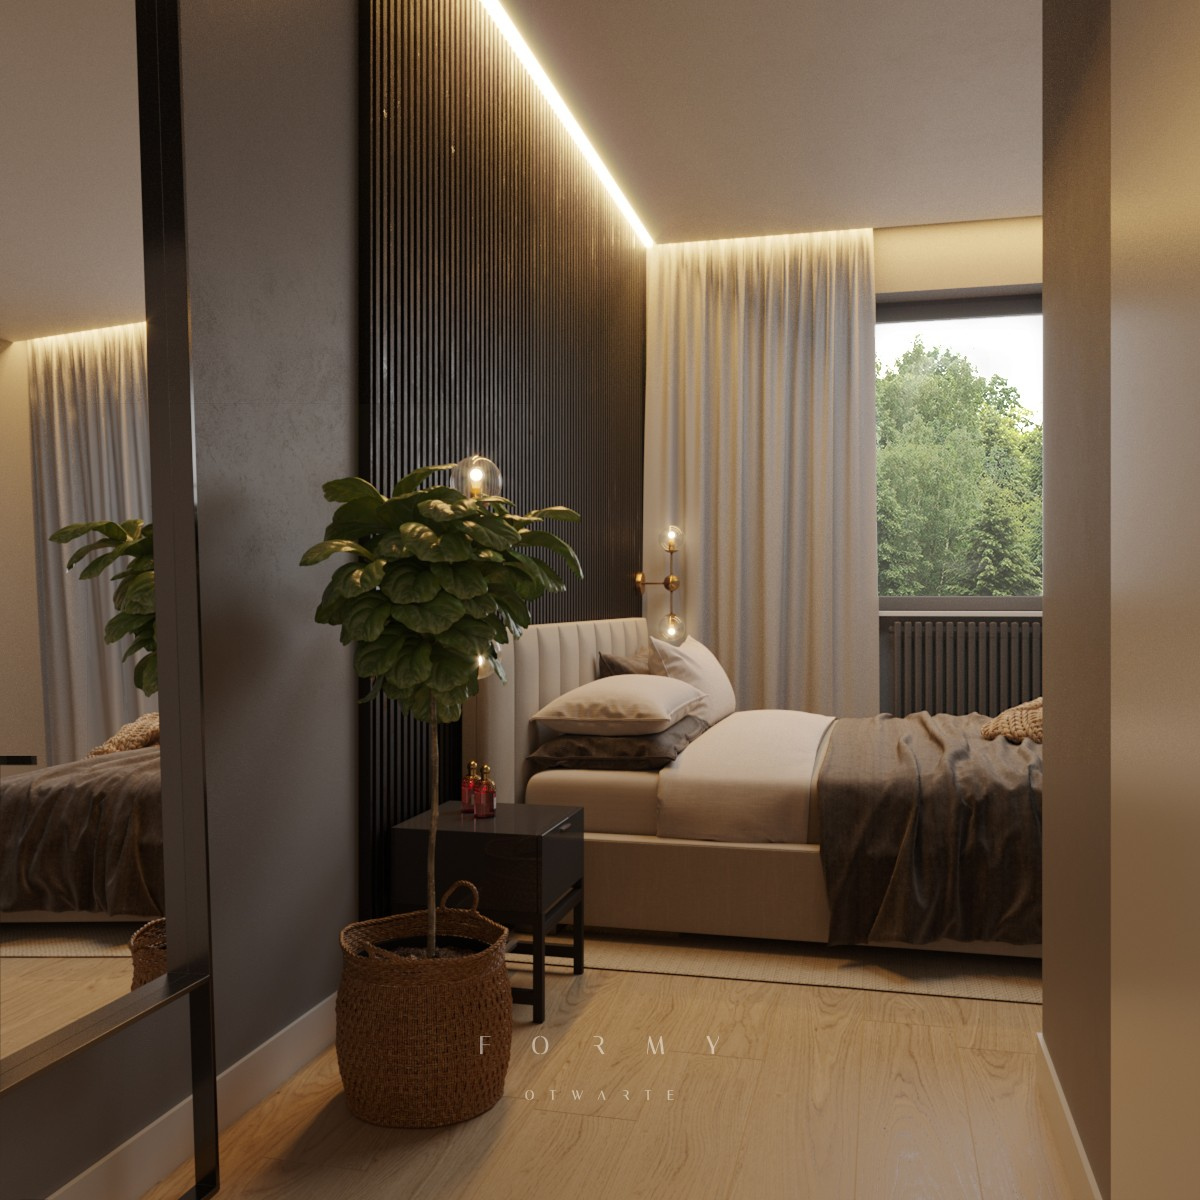 karolina-kocieda-formy-otwarte-sypialnia wersja3 cam3